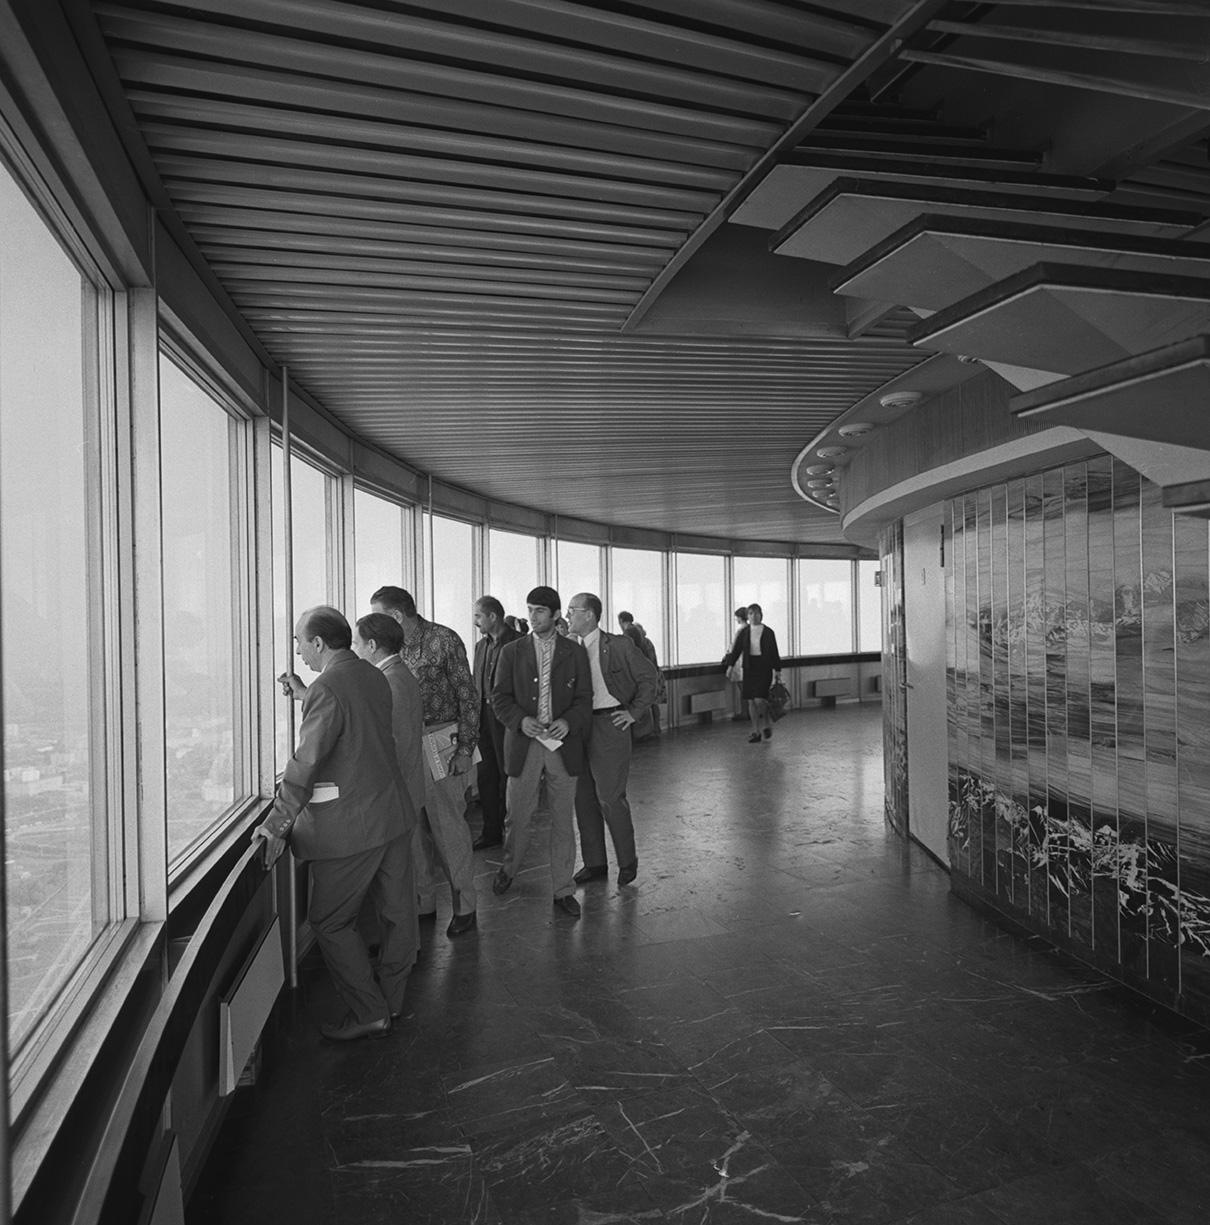 За 50 лет Останкинскую башню посетили более 10 млн человек